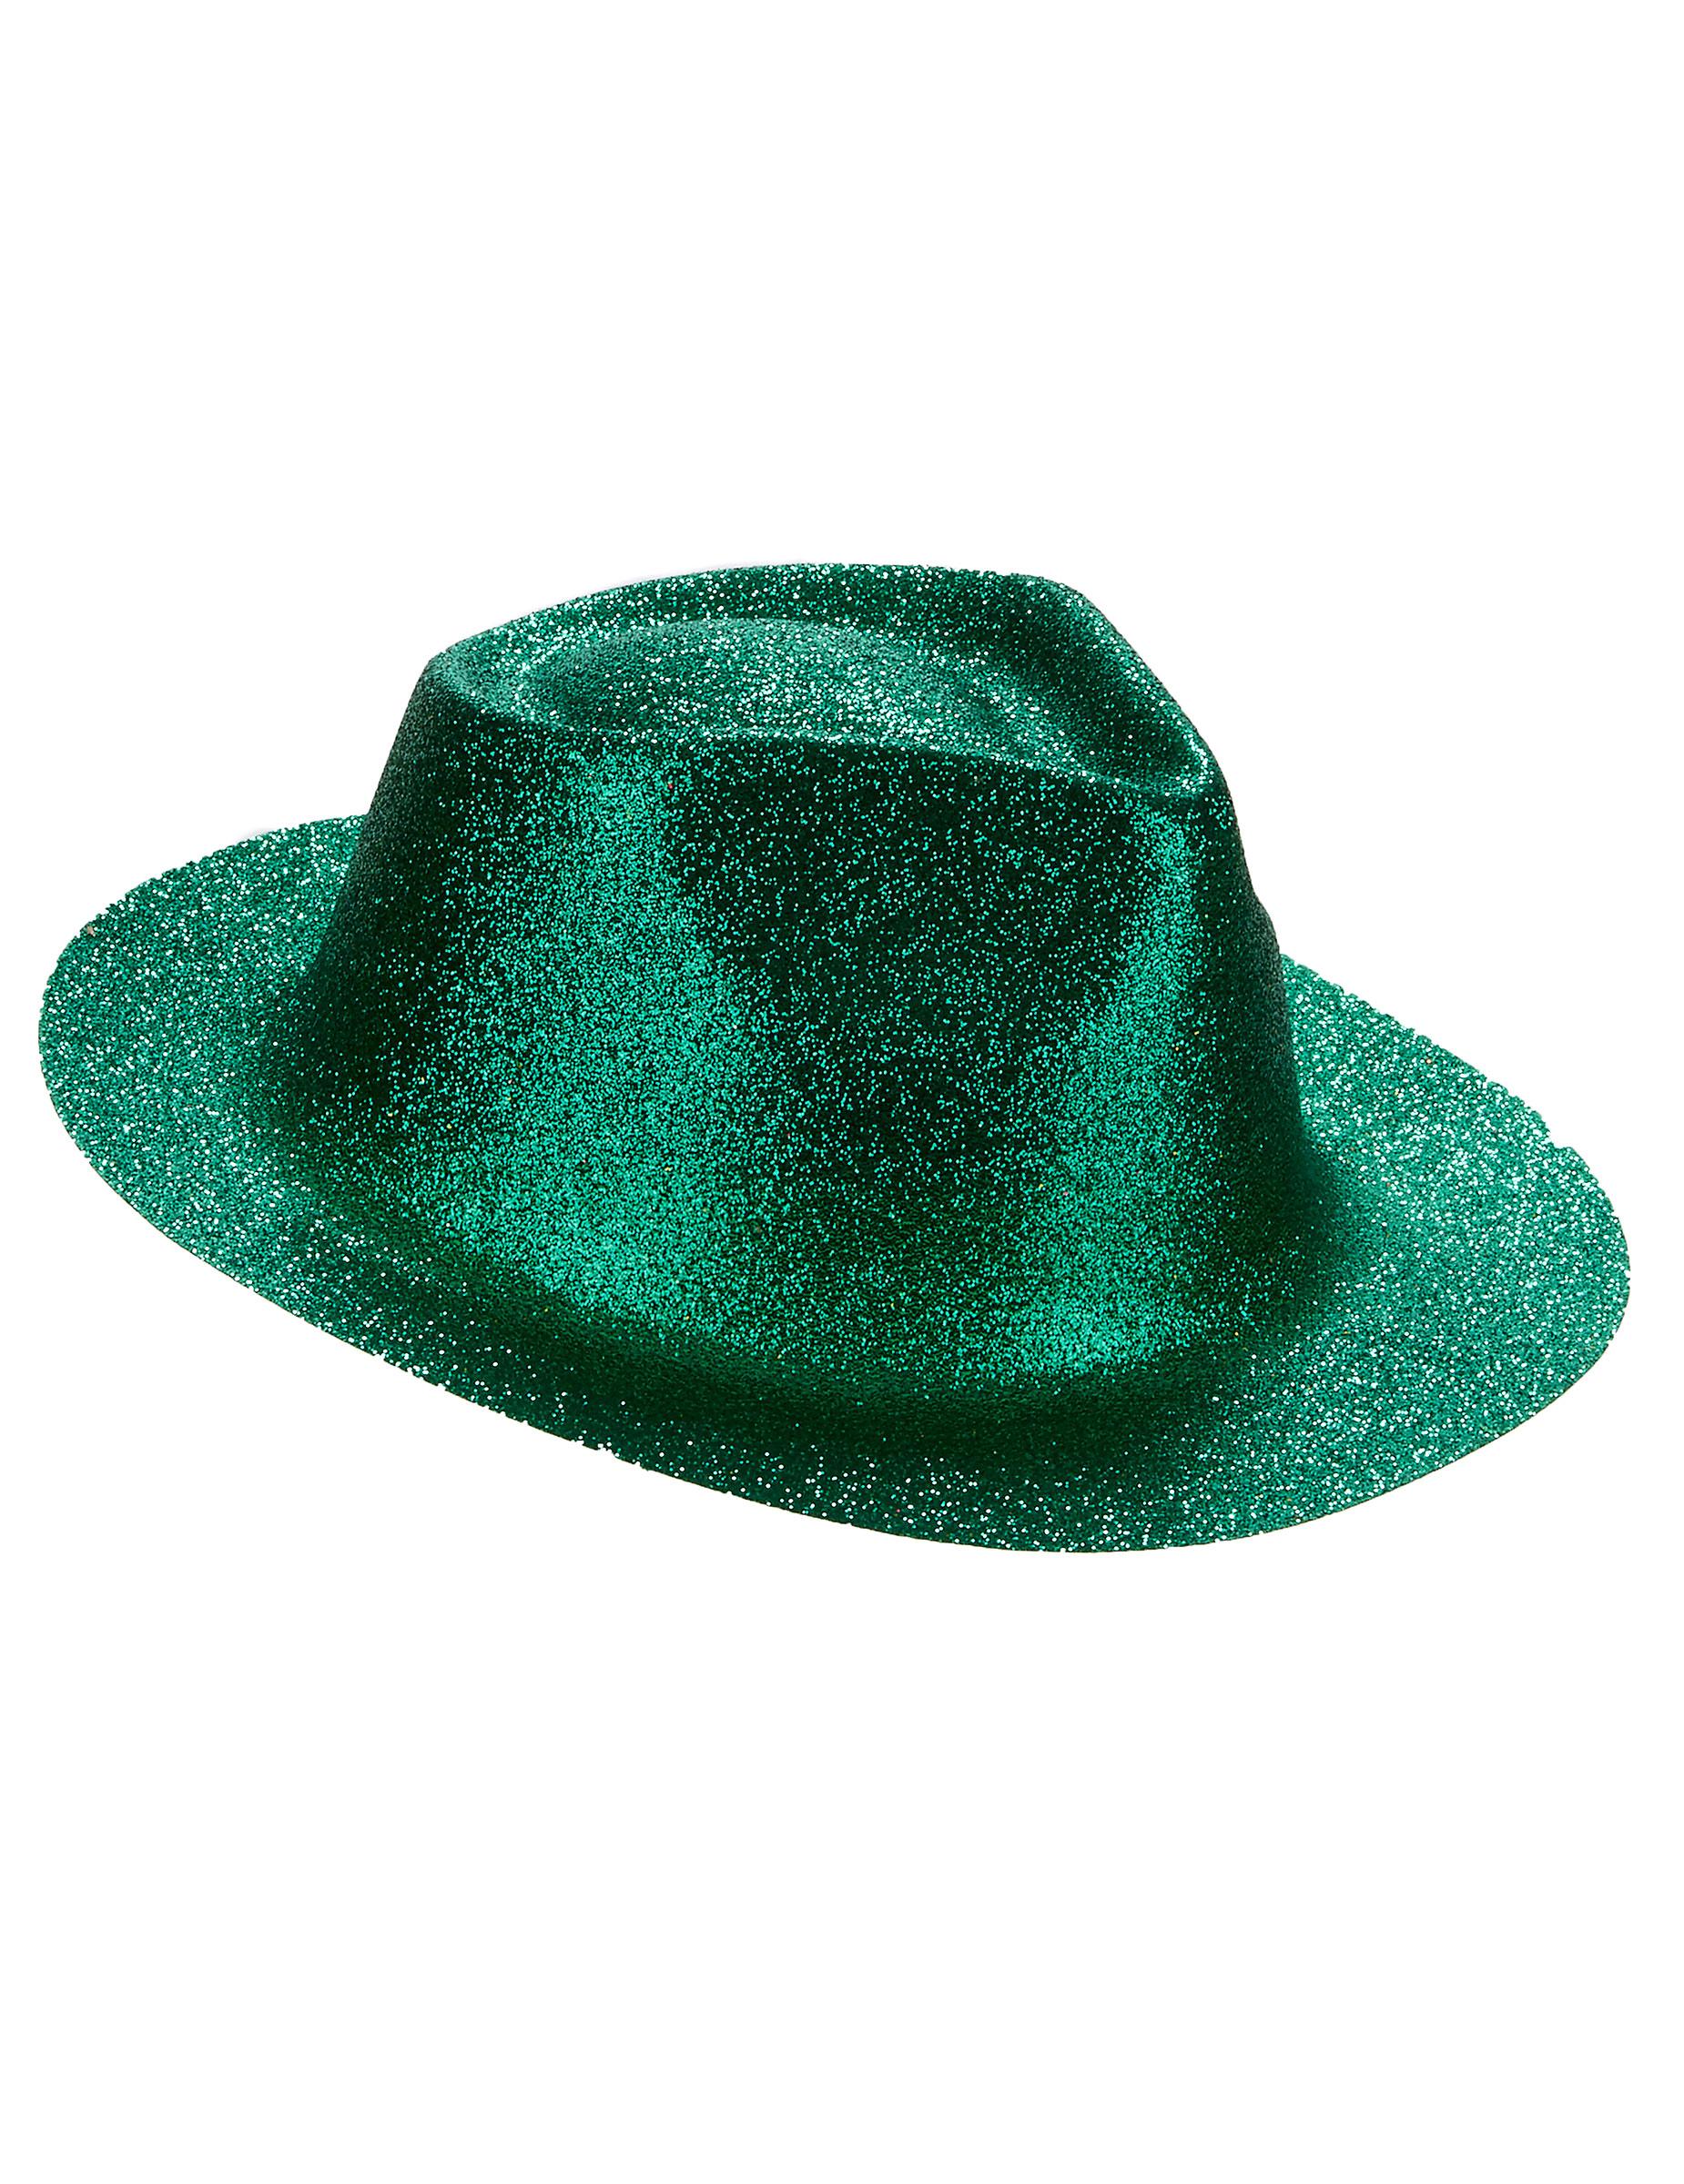 adf4a1ac28587 Sombreros Verde para disfraces y fiestas de cumpleaños - Vegaoo.es